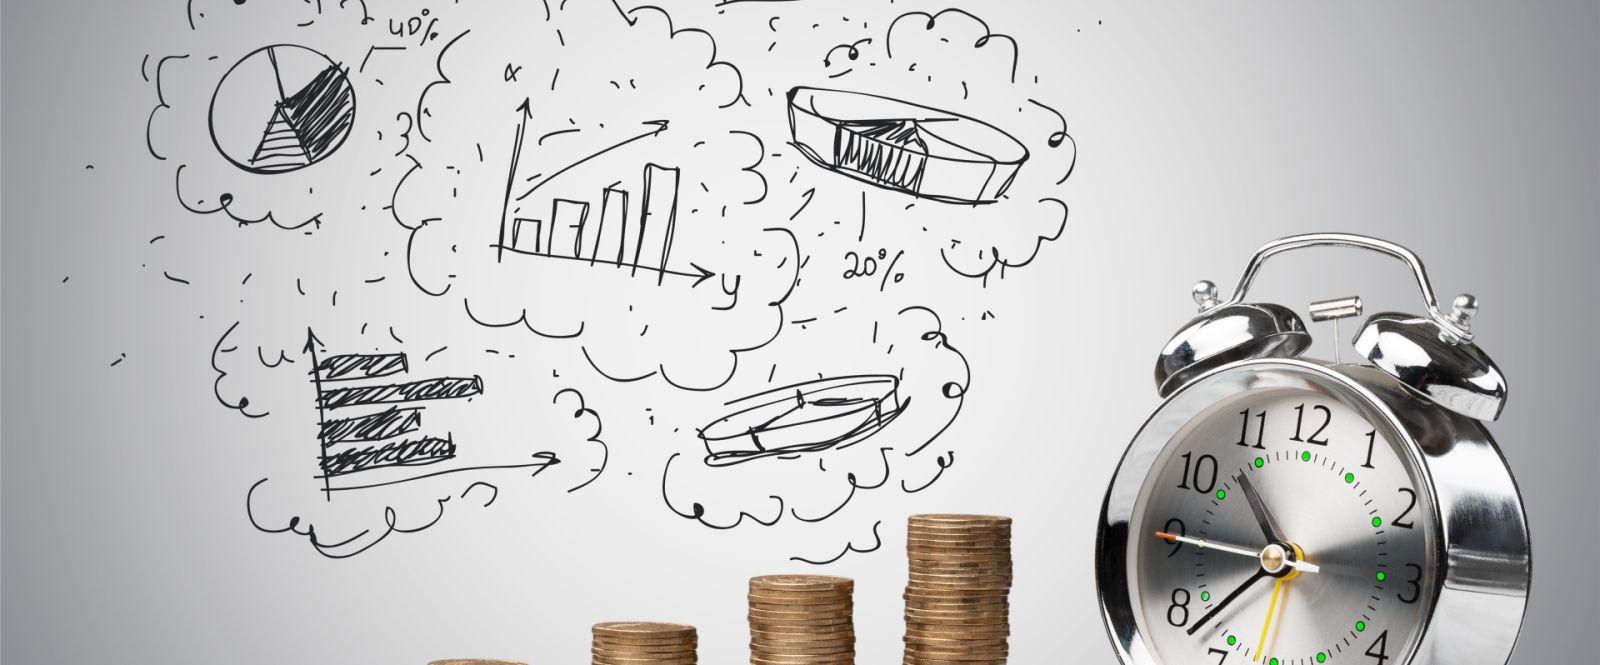 Private banking in Italia, il podio: Intesa, Unicredit e Banca Generali